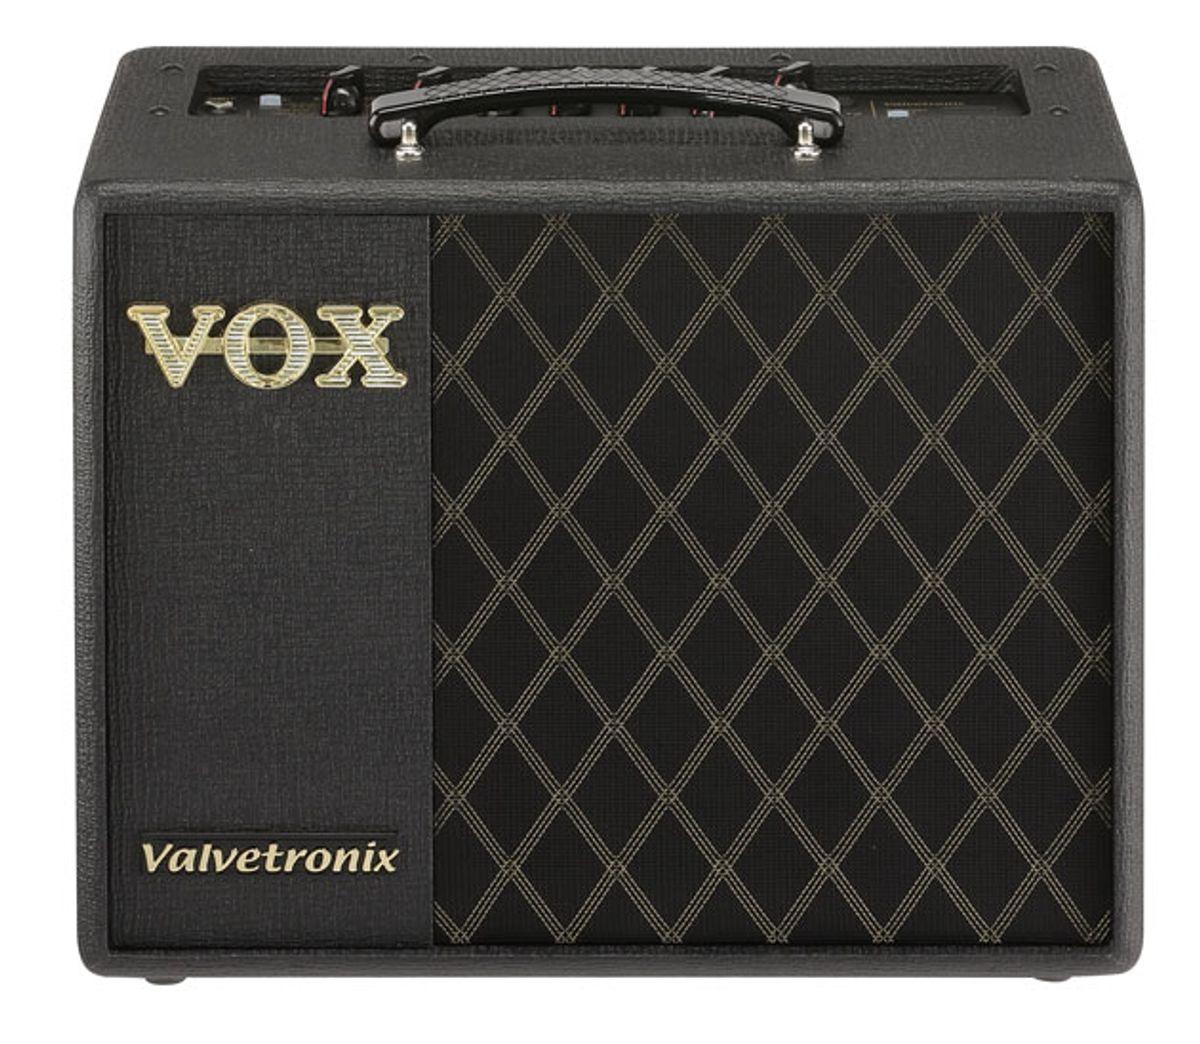 Vox Announces the VT20X, VT40X, and VT100X Amplifiers